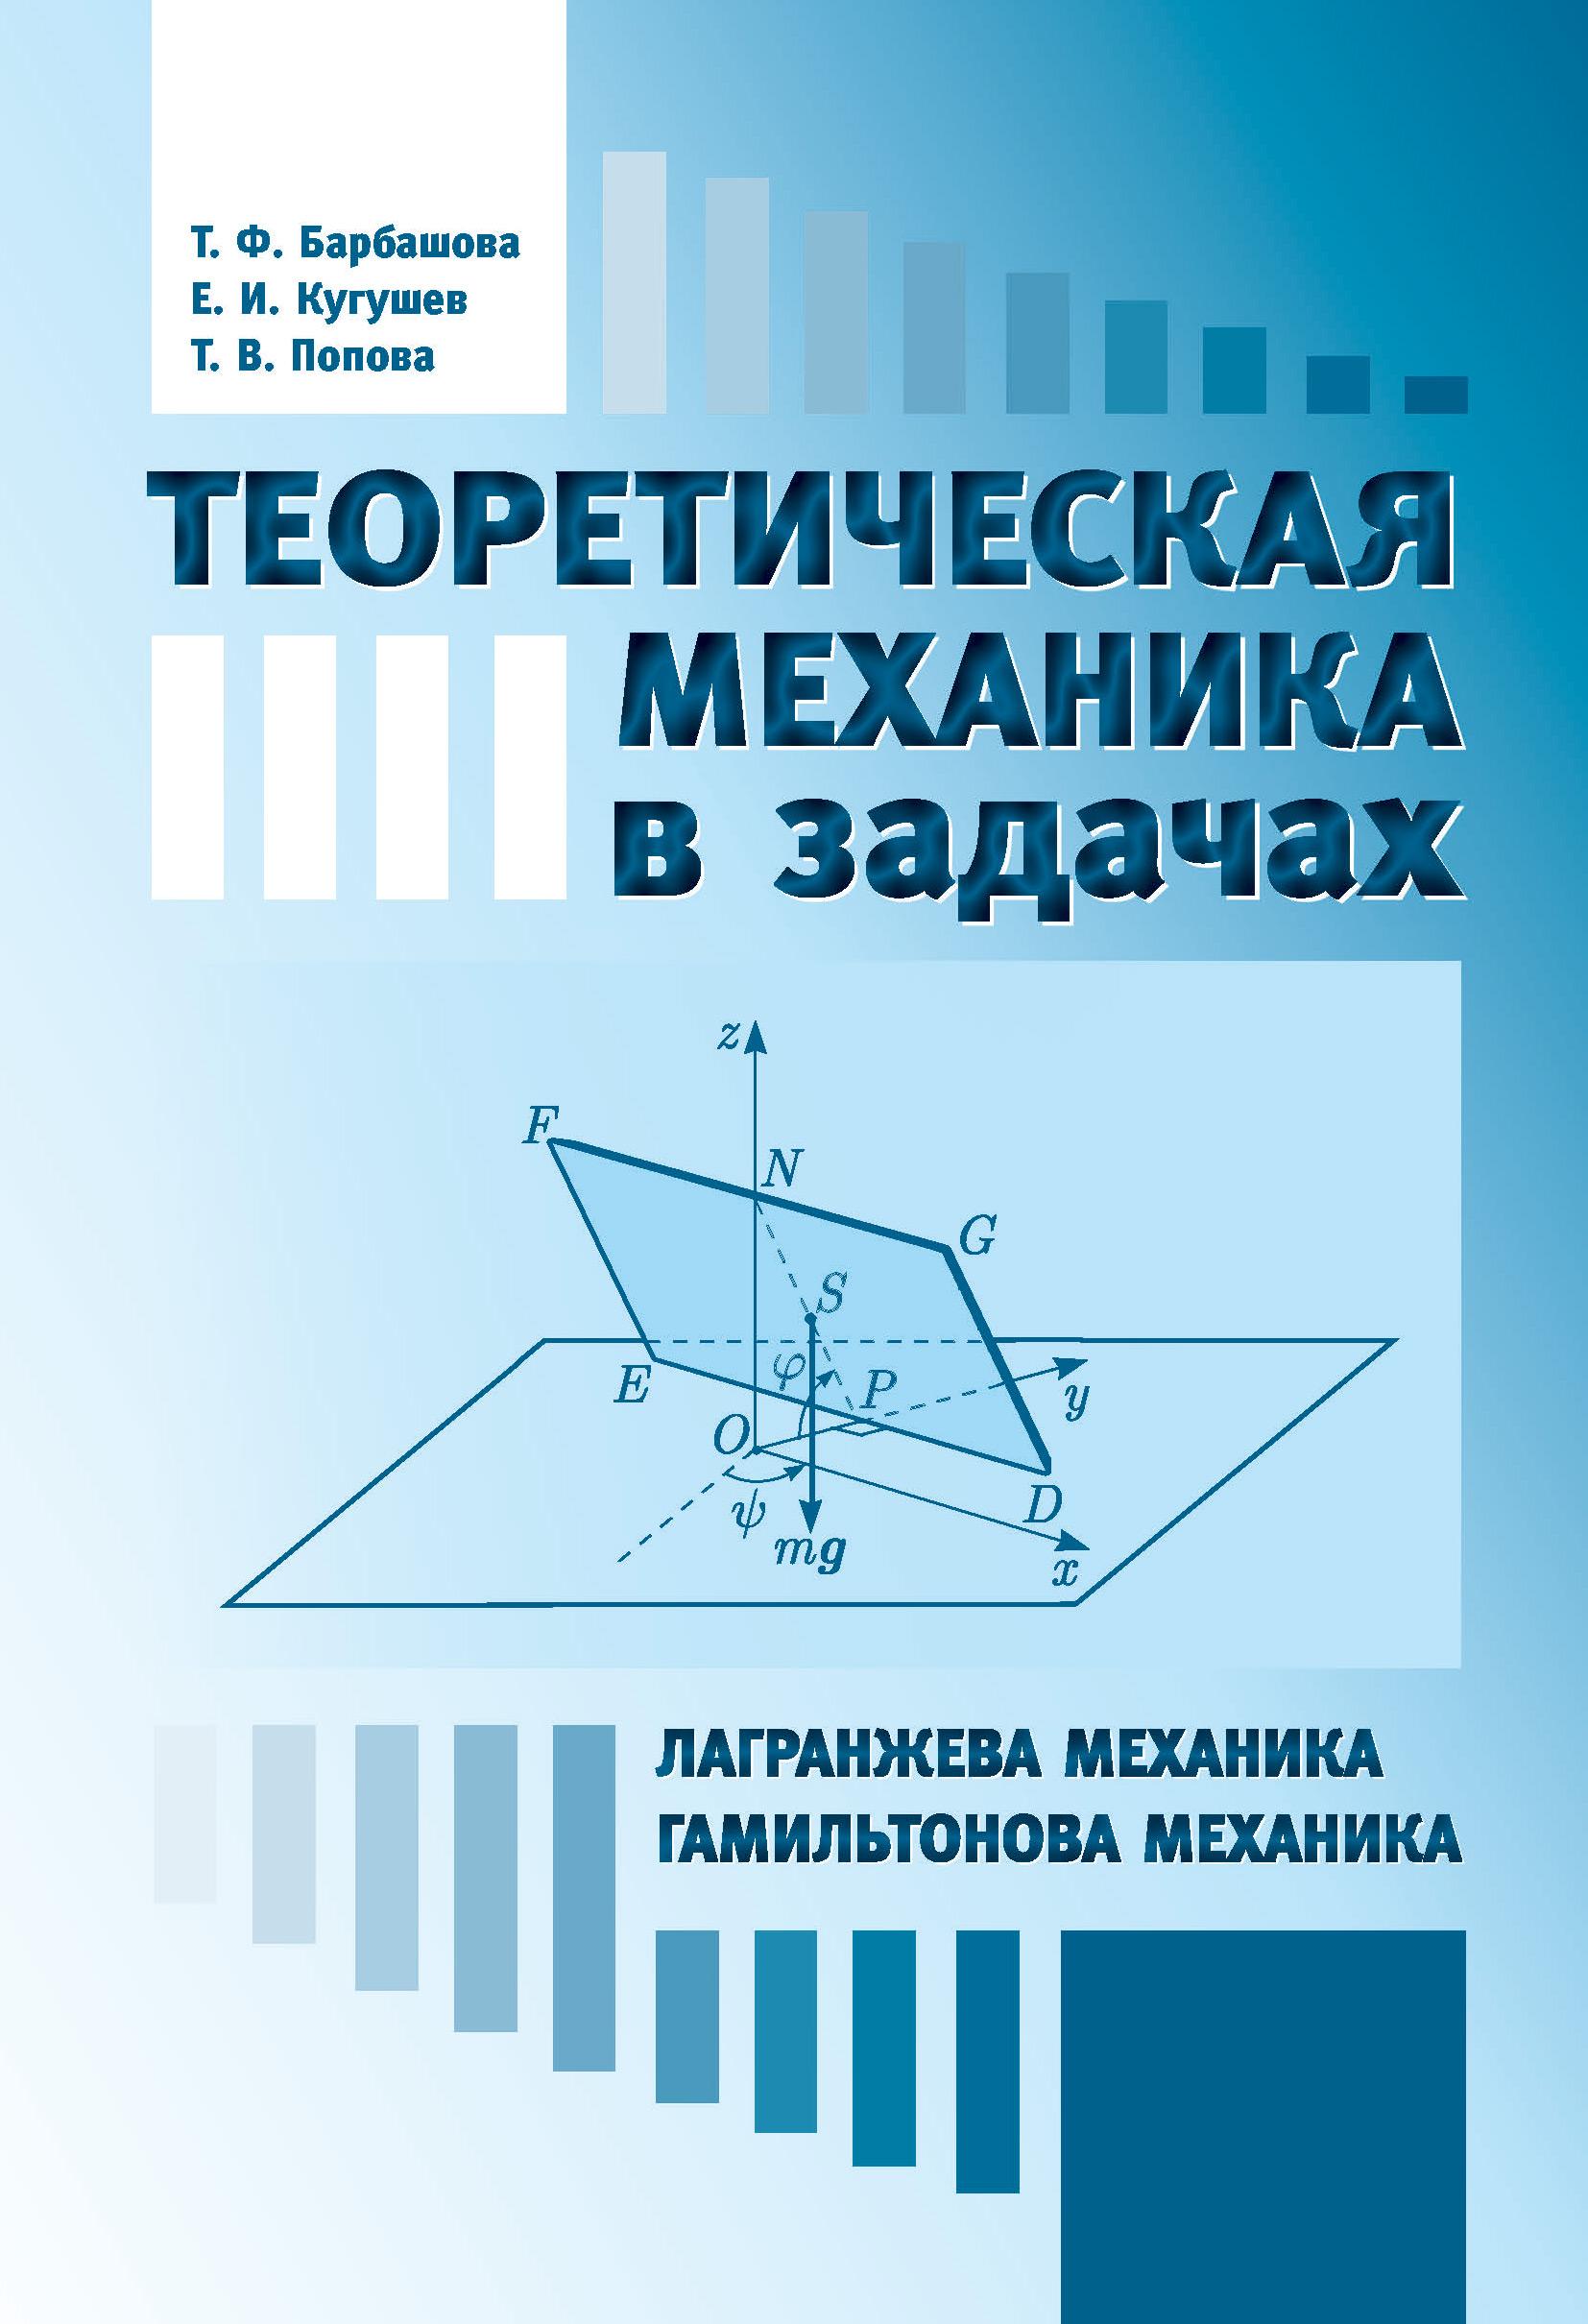 Е. И. Кугушев Теоретическая механика в задачах. Лангранжева механика. Гамильтонова механика эксмо говорю красиво для детей 6 7 лет ч 2